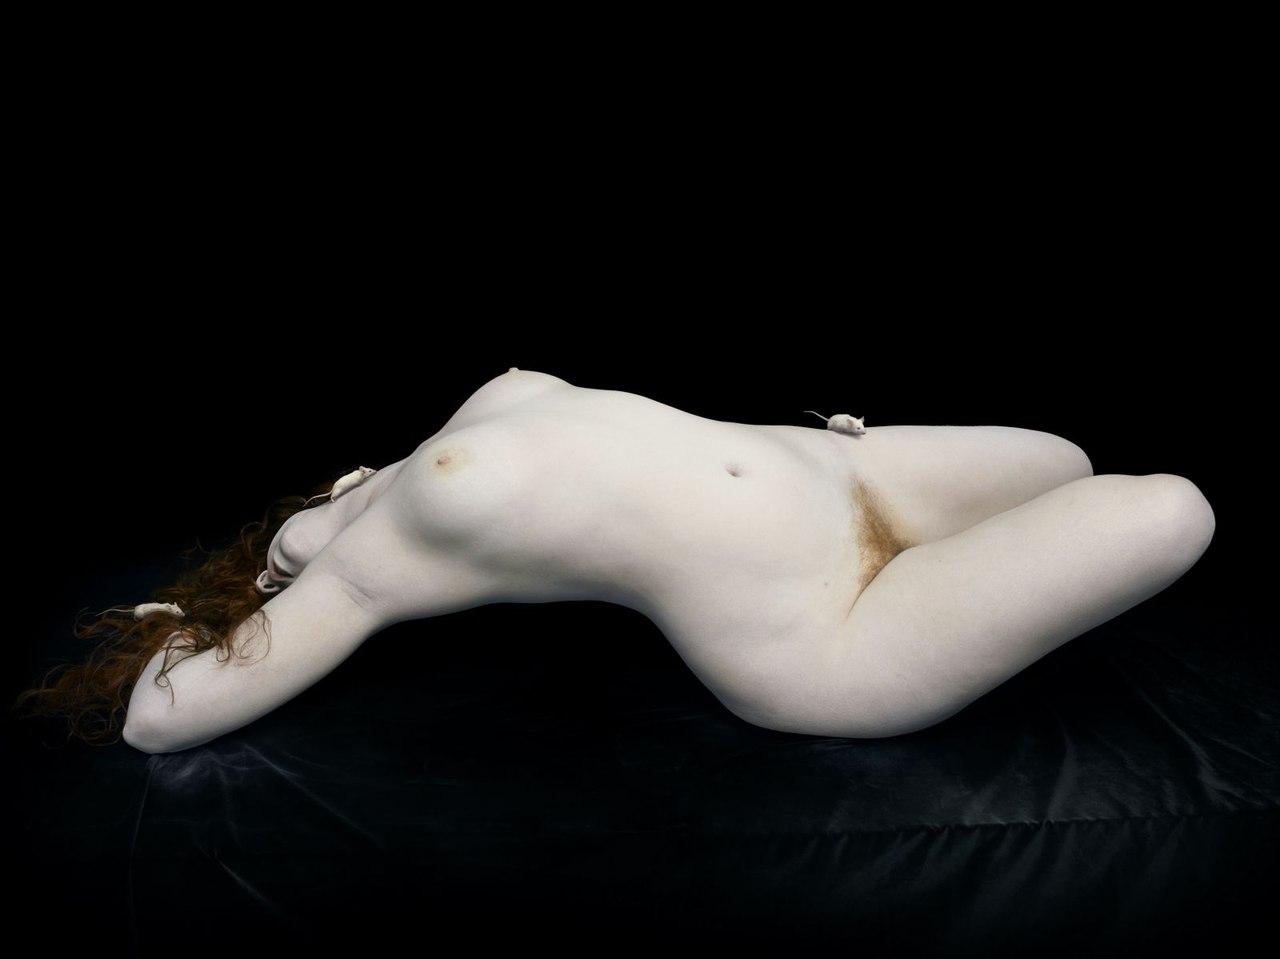 Фото обнажённой женщины и мужчины 15 фотография